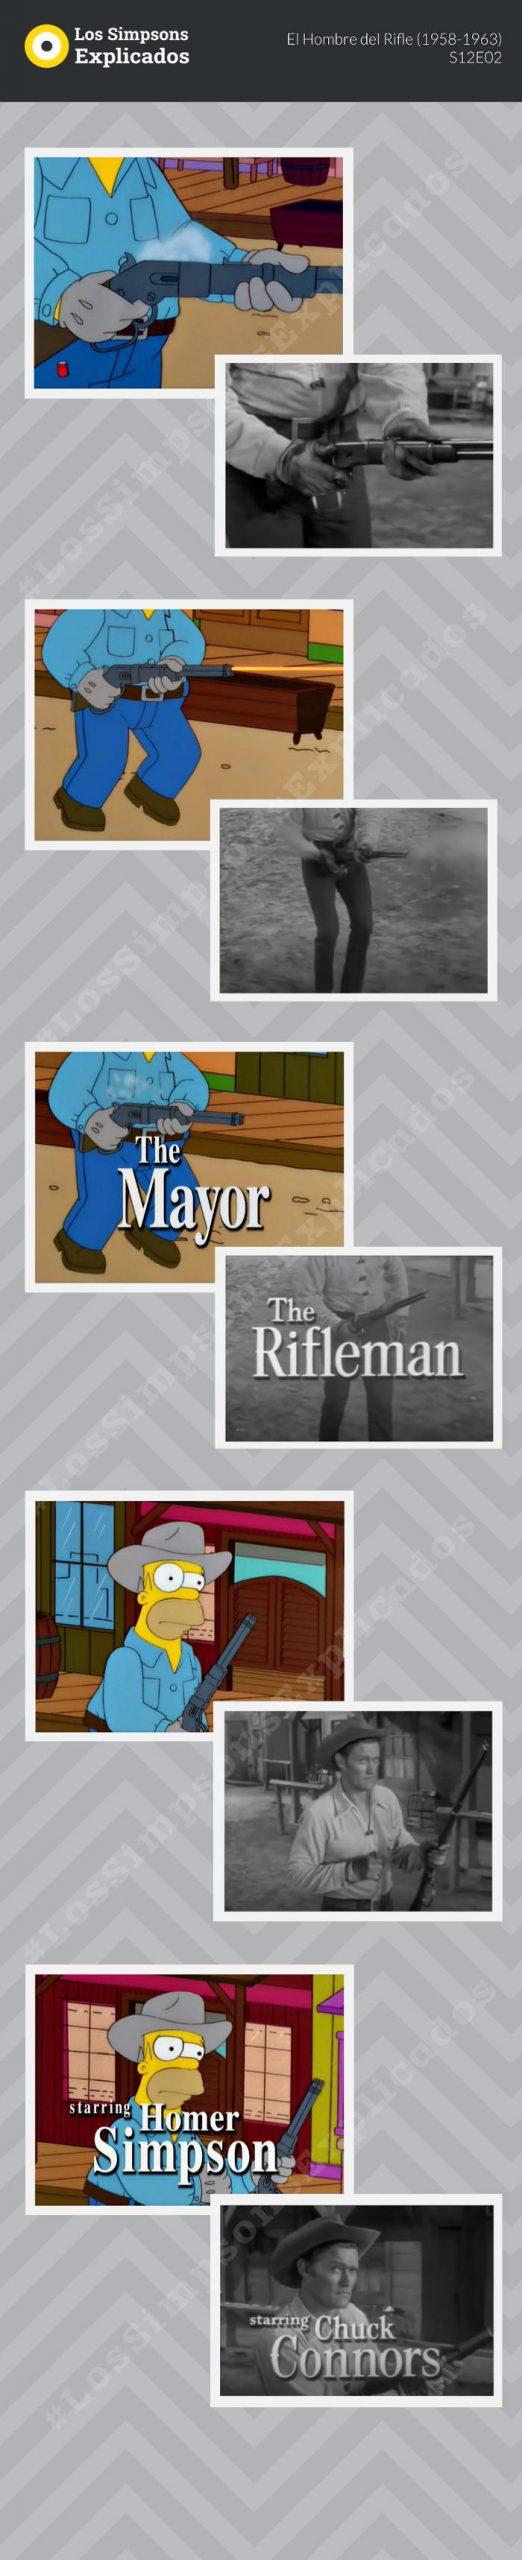 el hombre del rifle los simpsons explicados